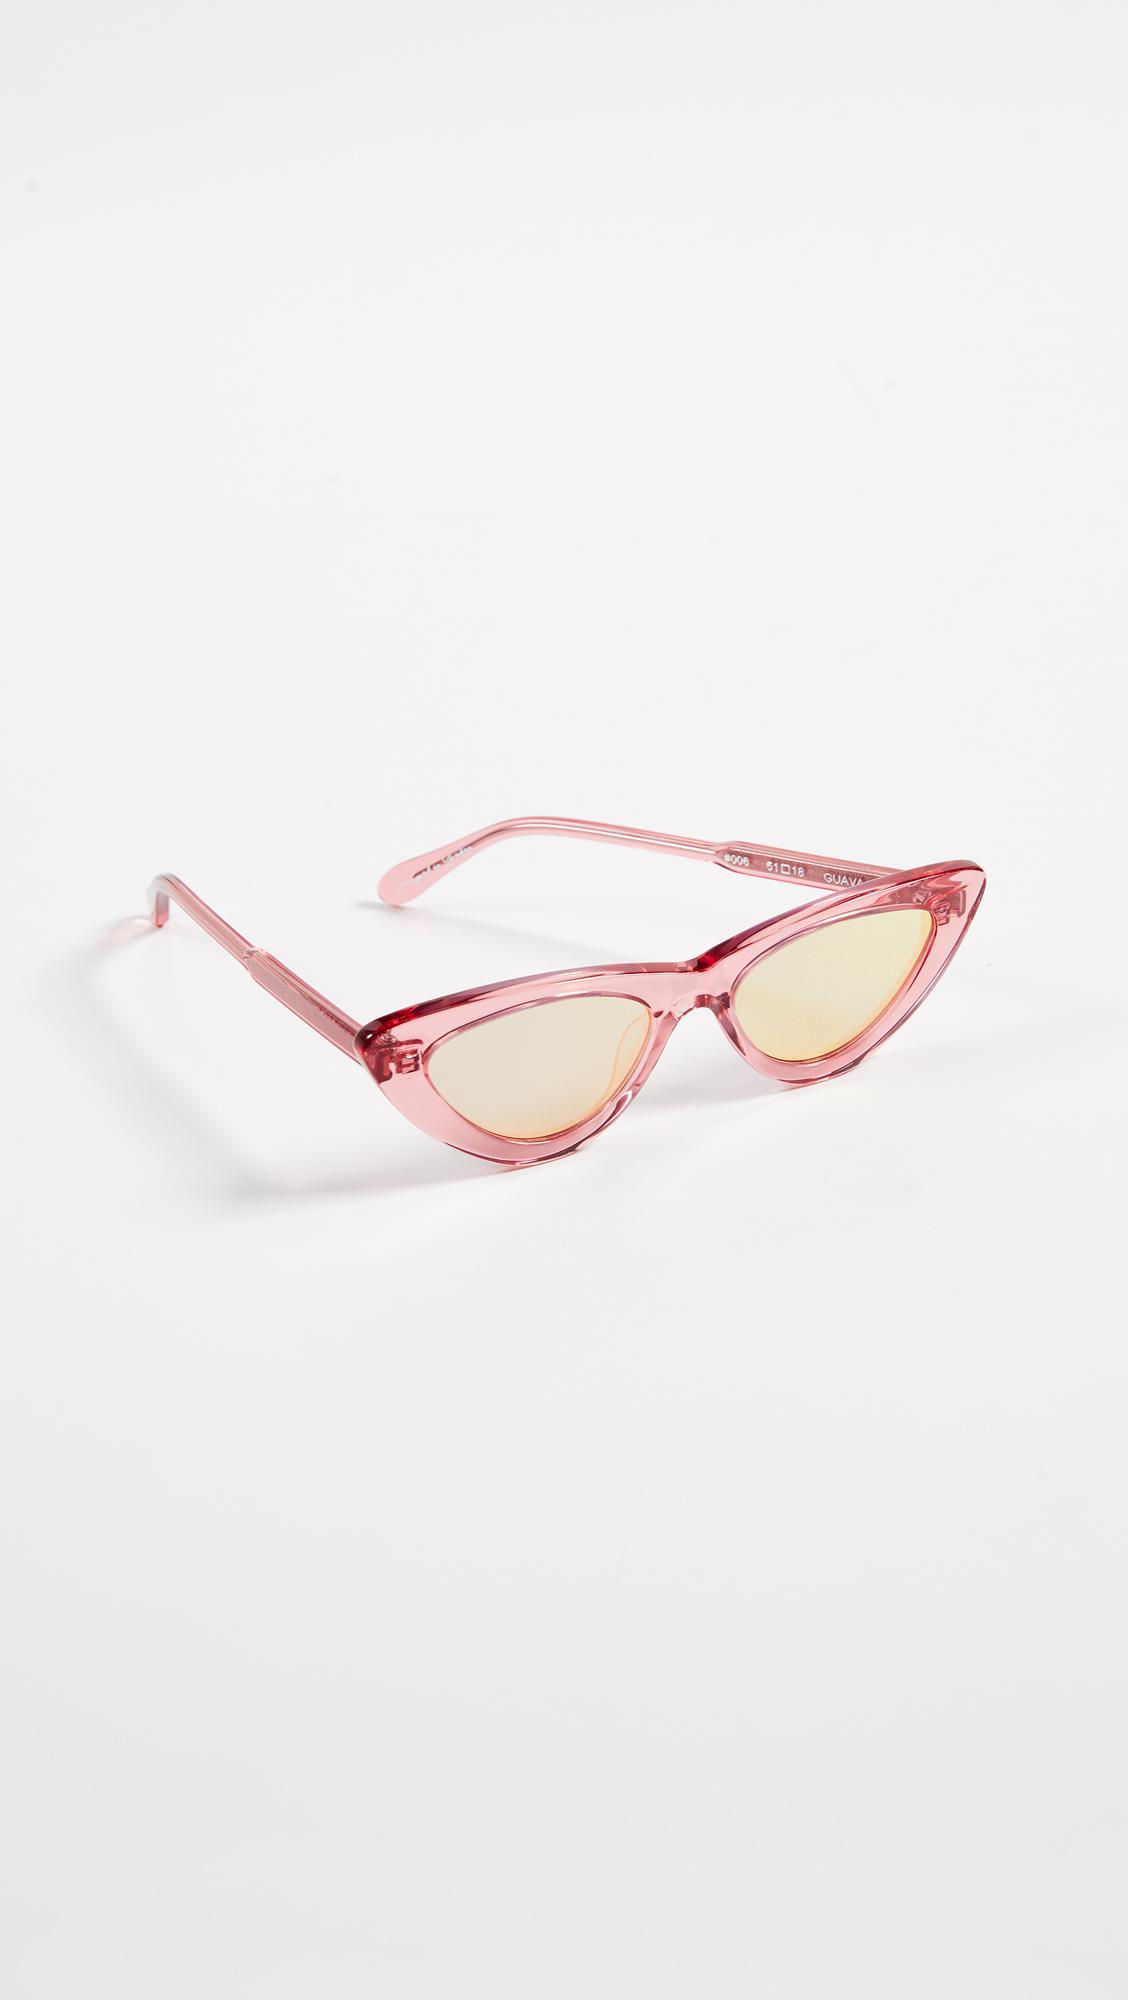 52f3db40494d Chimi 006 Sunglasses in Pink - Lyst